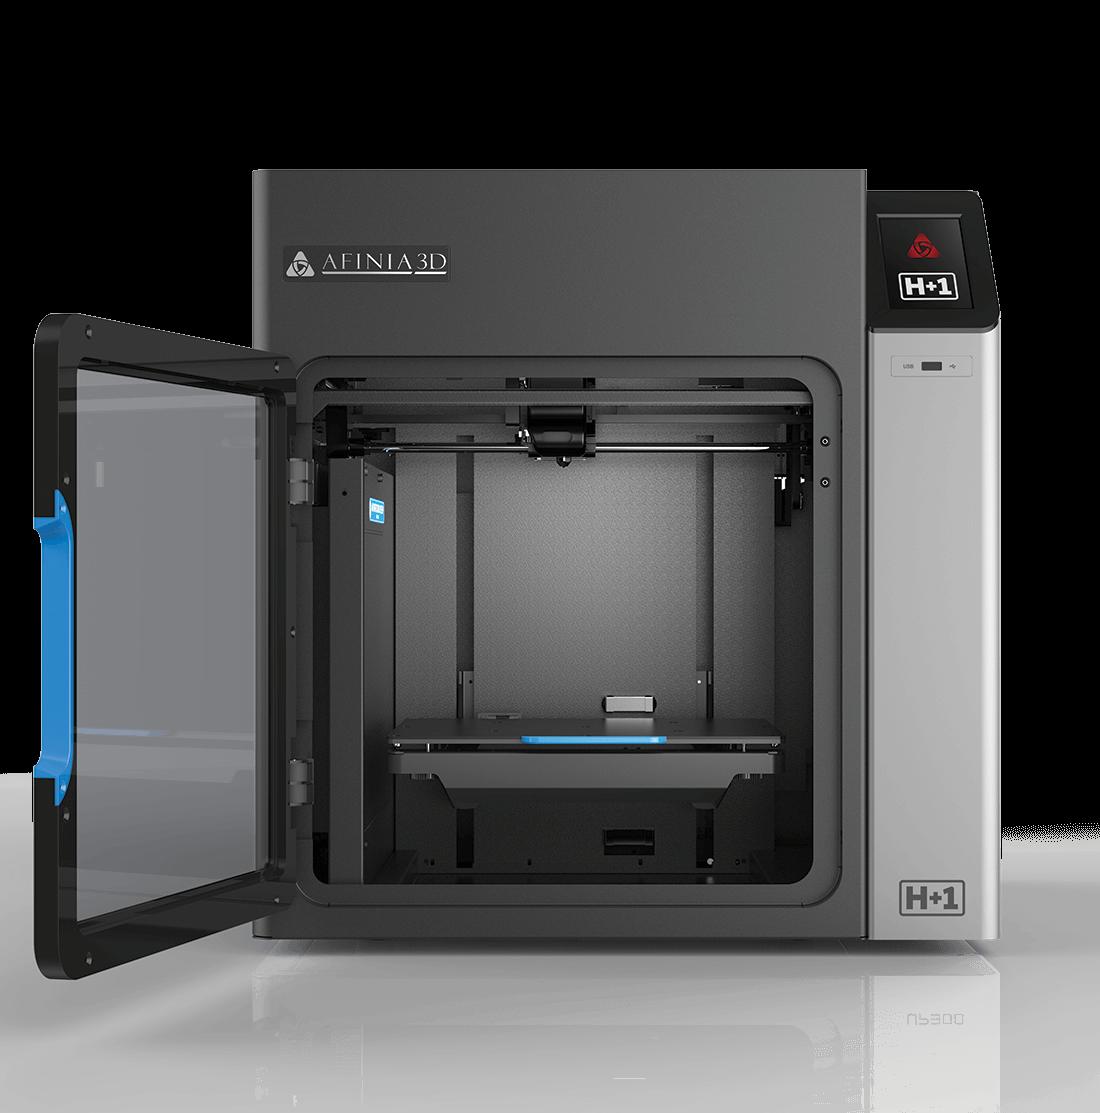 H+1 Afinia - 3D printers